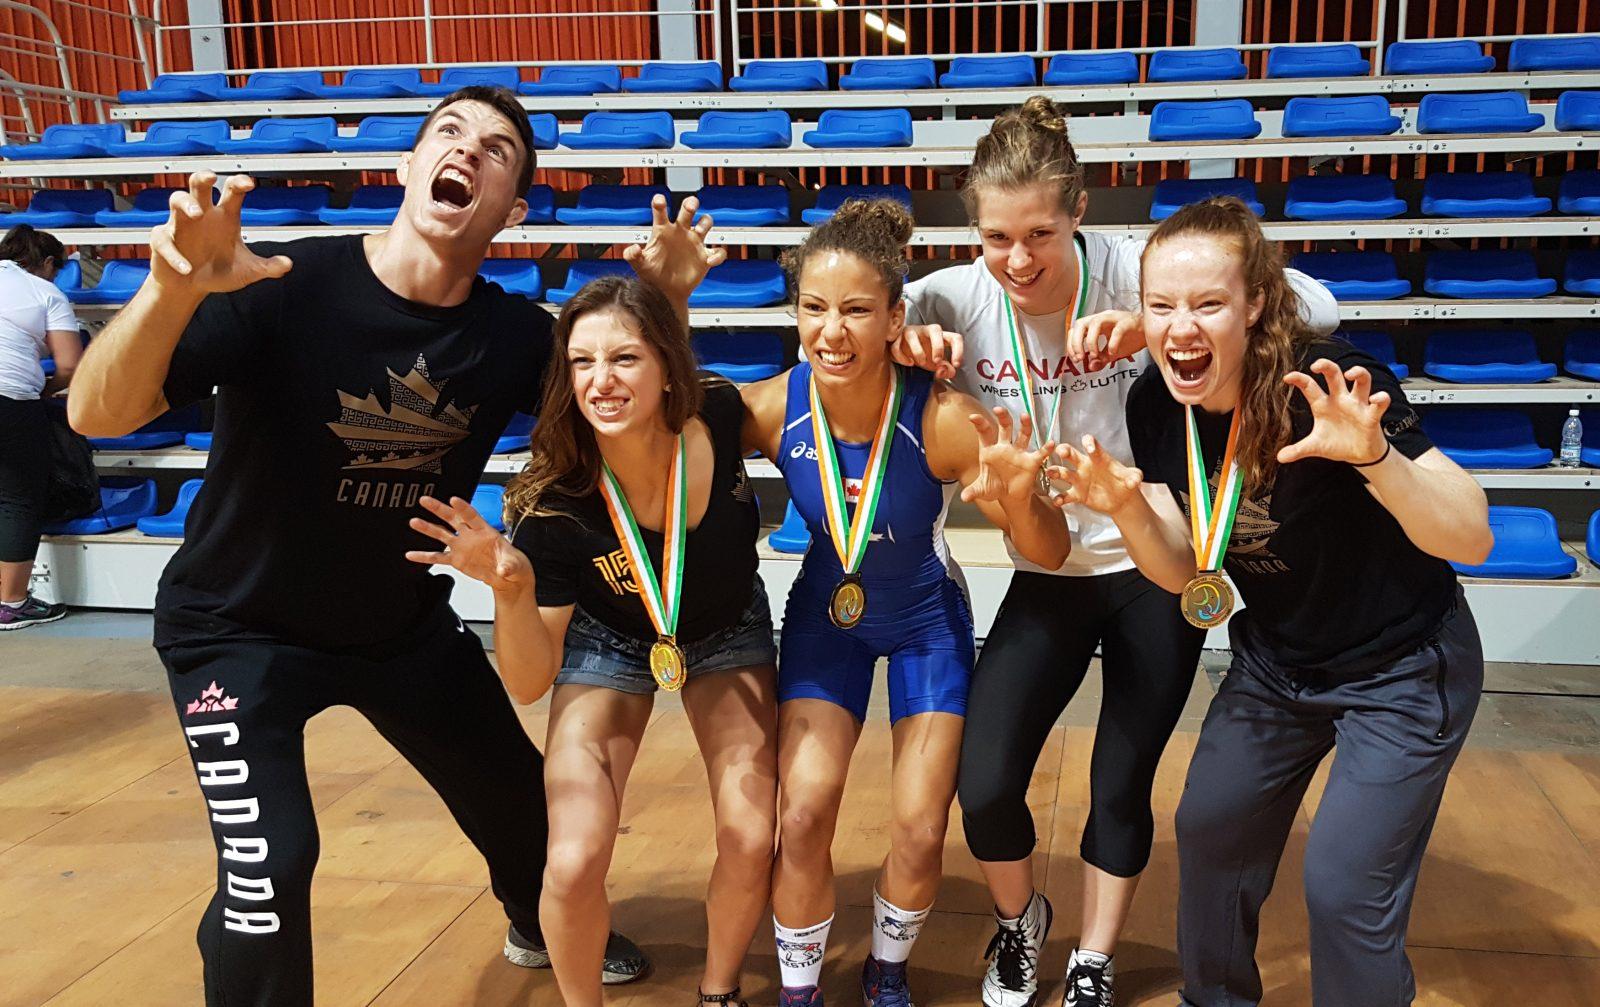 2017 Jeux de la Francophonie - Wikipedia